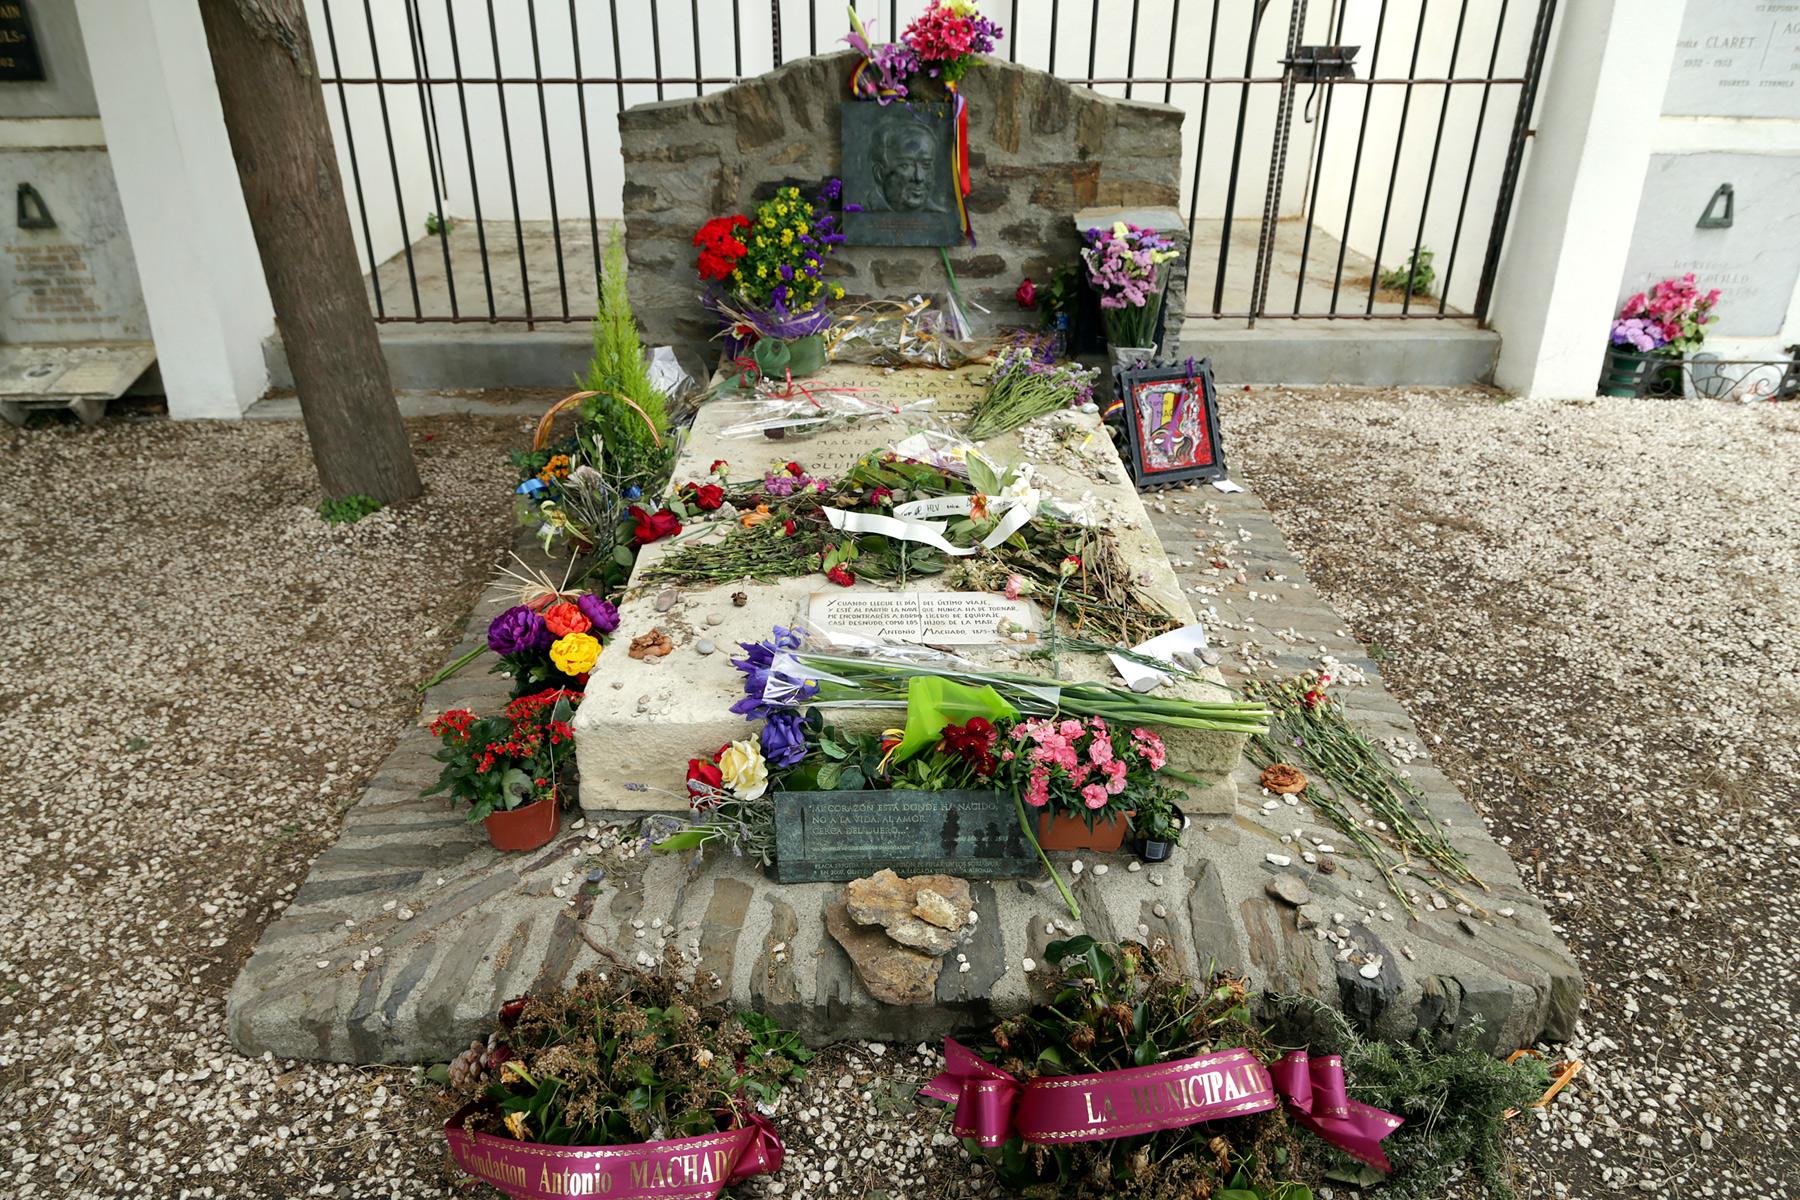 Tumba de Antonio Machado y su madre, Ana Ruiz, en el cementerio de Colliure (Francia)